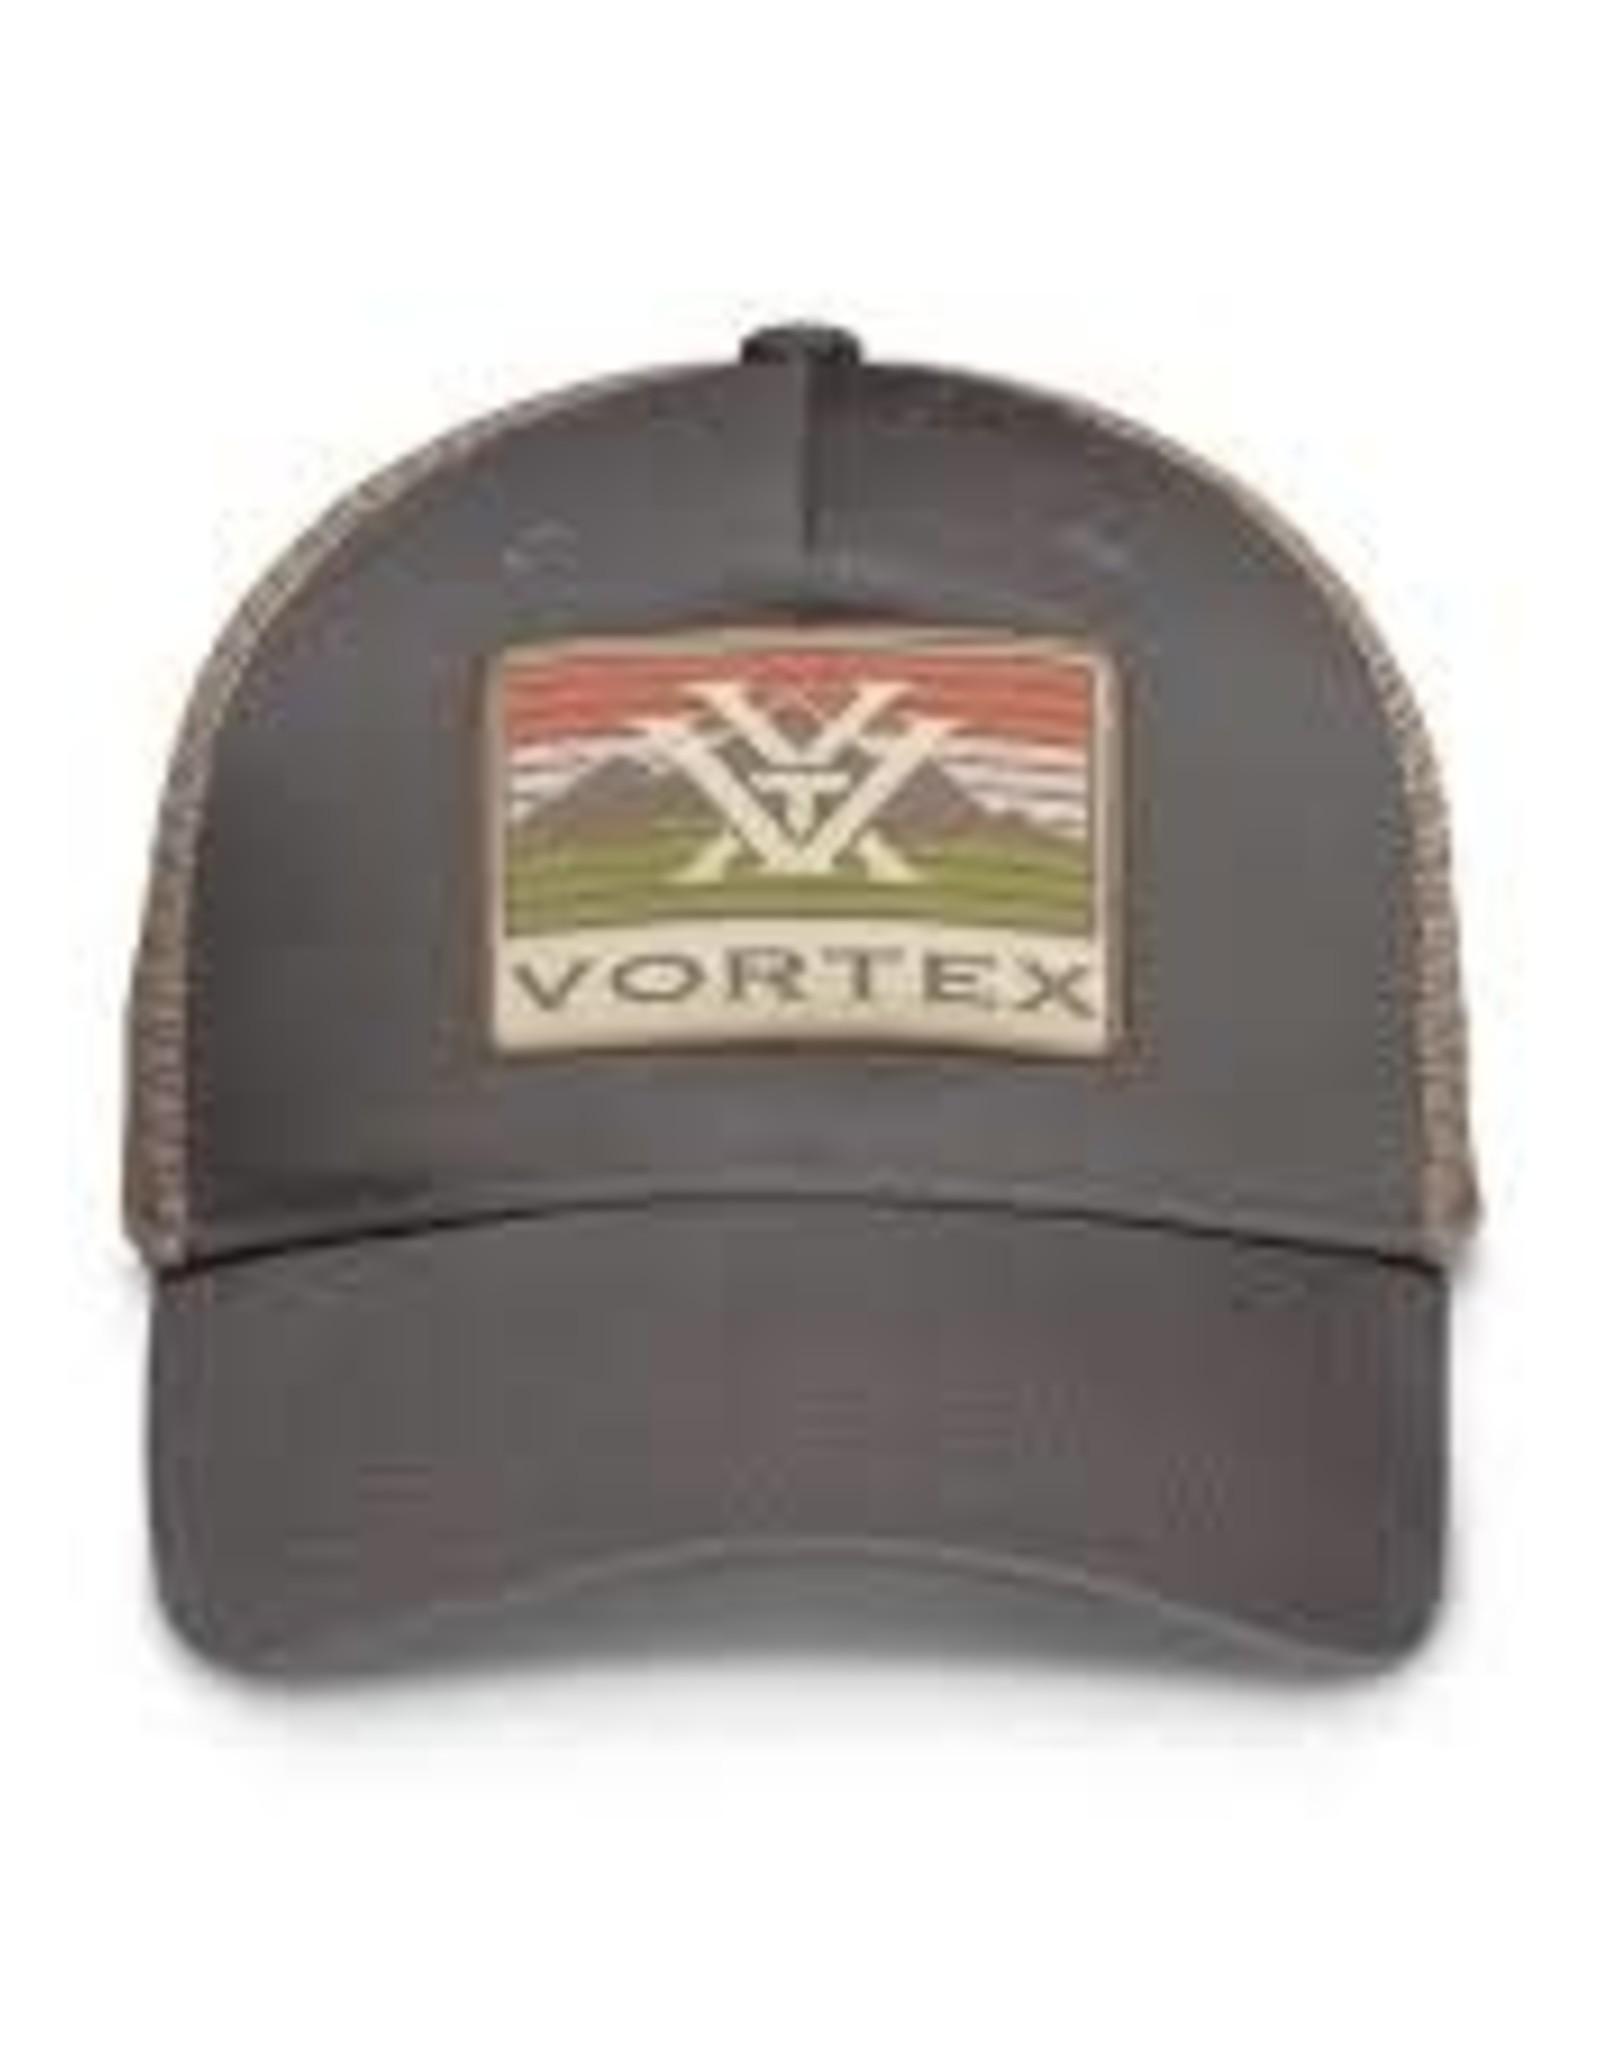 Vortex Grey Mountain Patch Vortex Hat